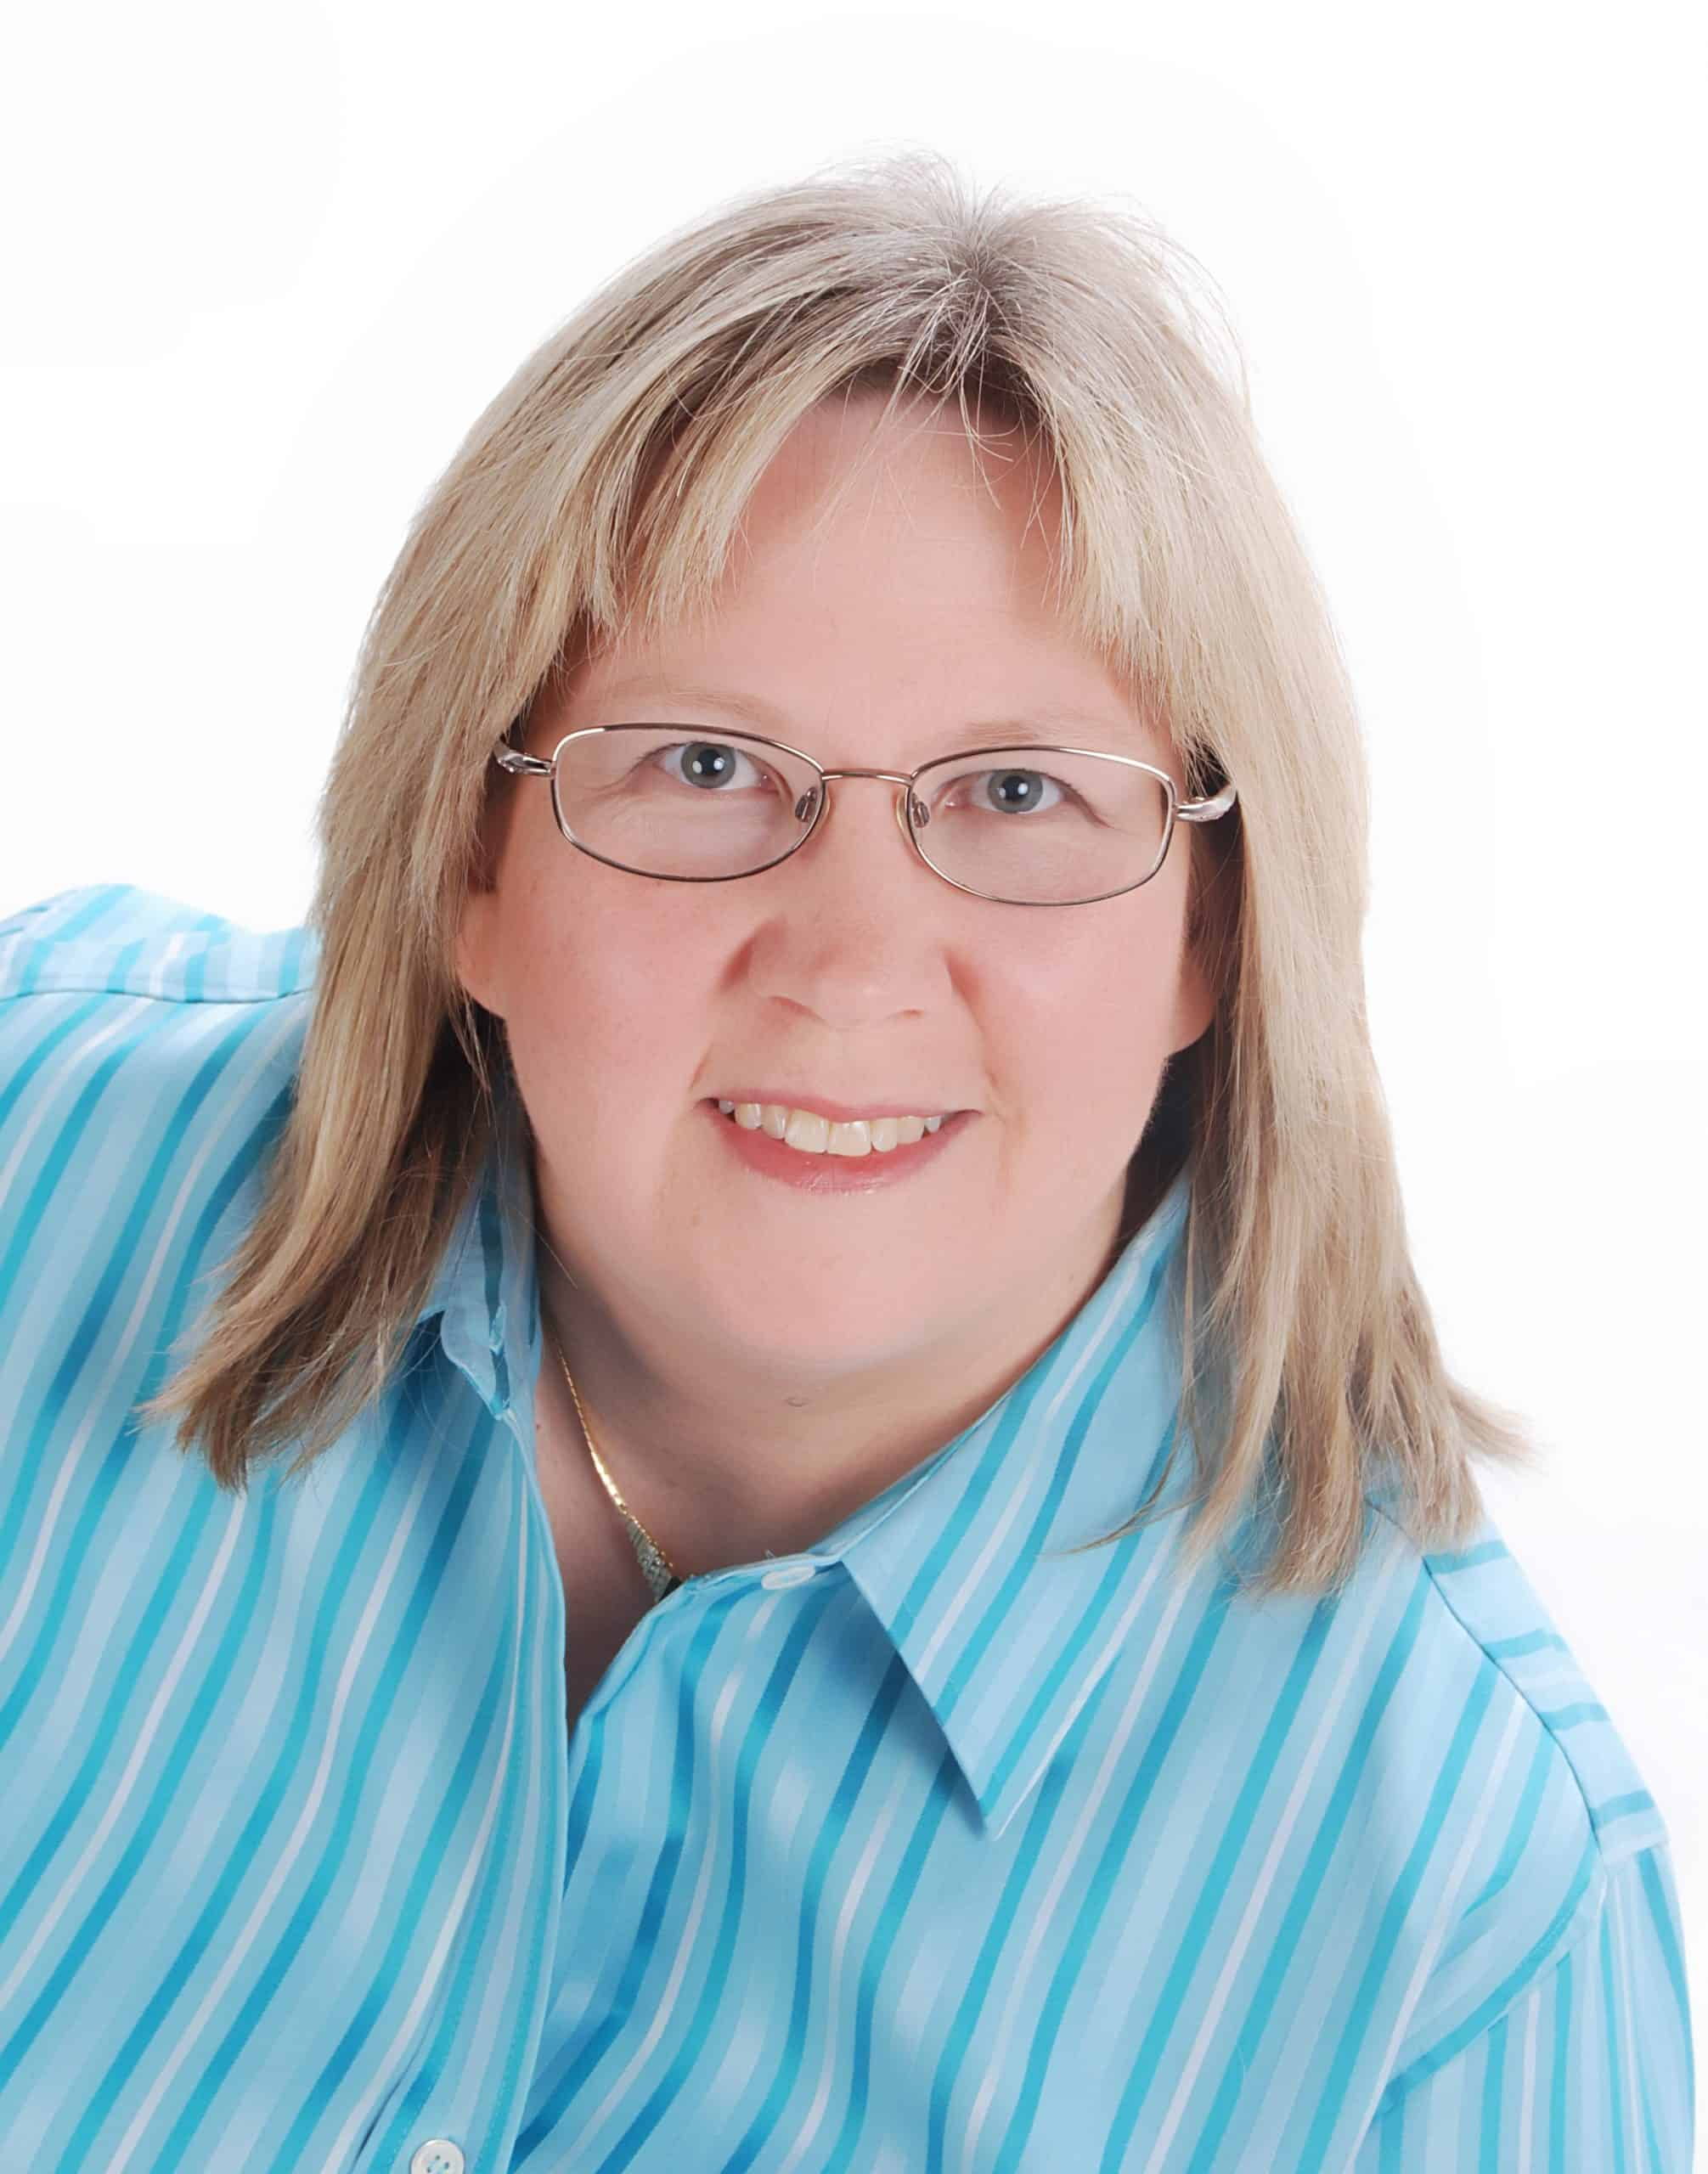 Dr. Debra M. Barnett Headshot